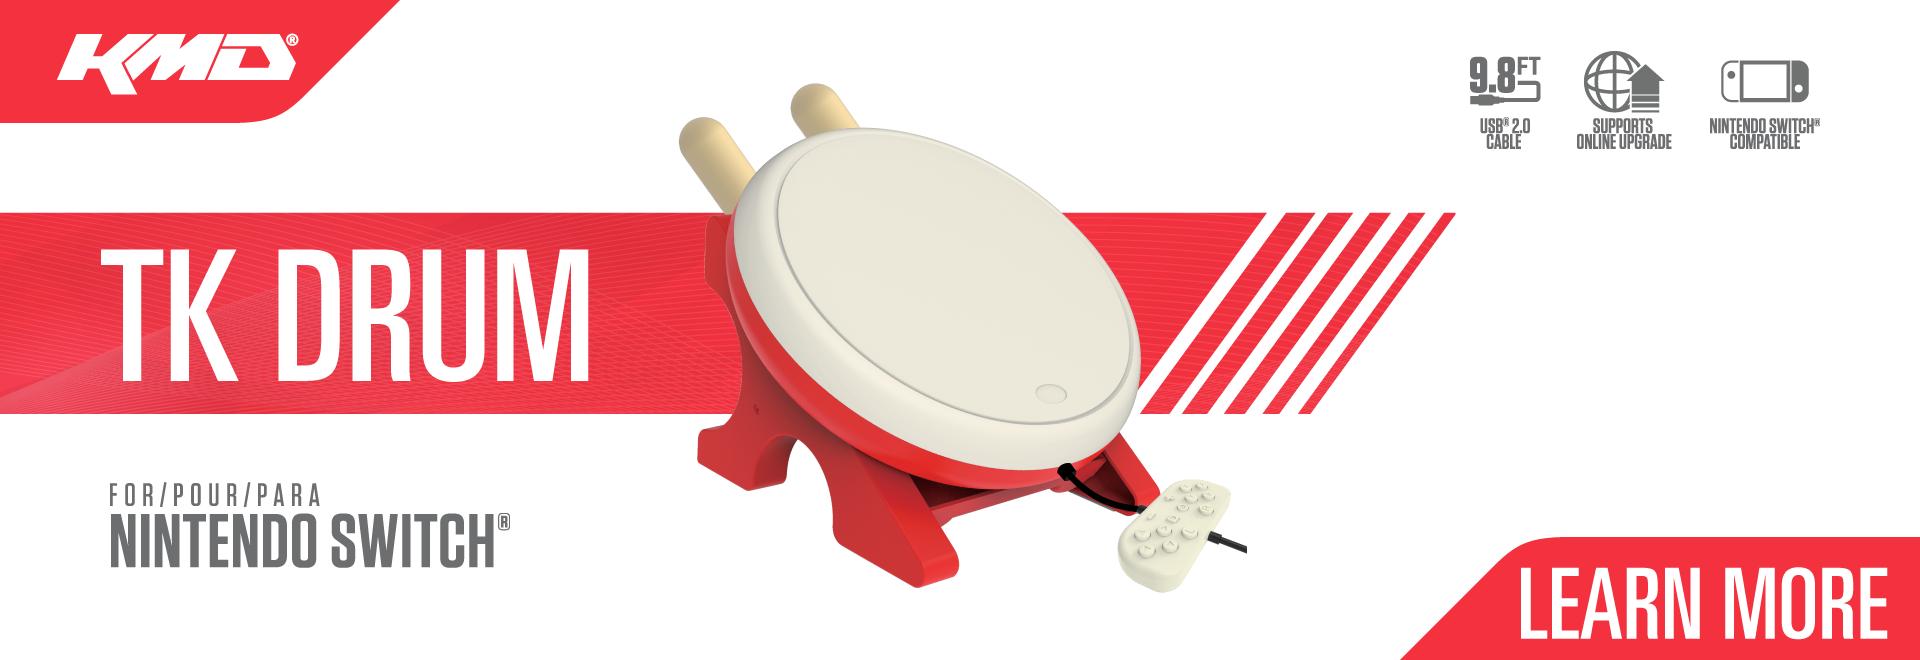 KMD TK Drum